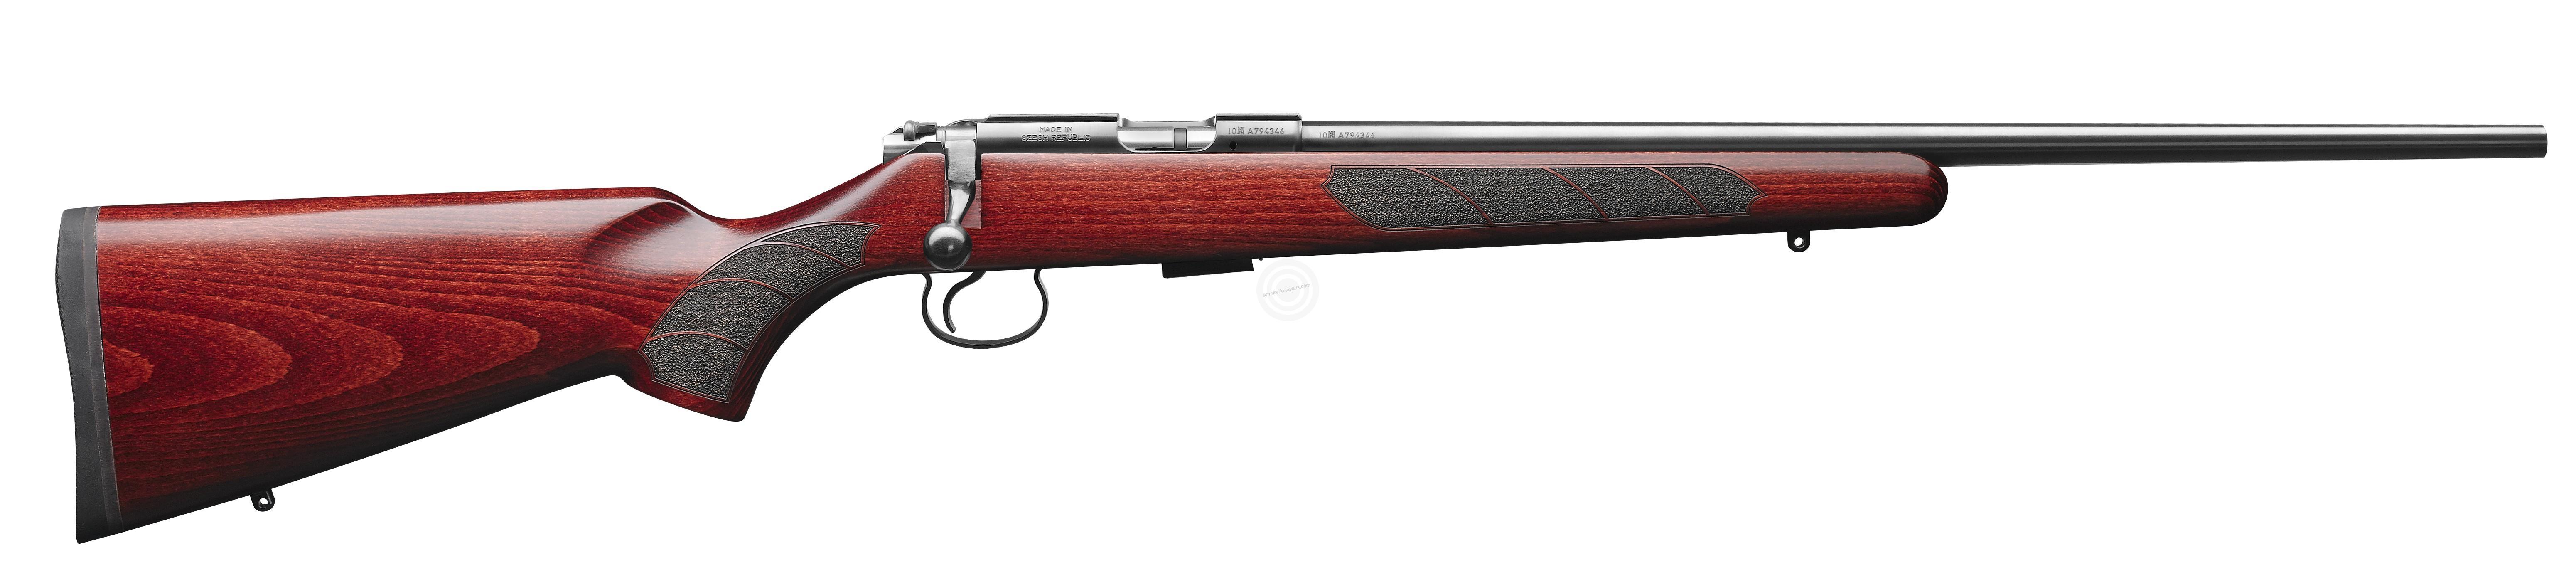 Carabine 22lr Cz 455 American Red Carabines De Tir Sur